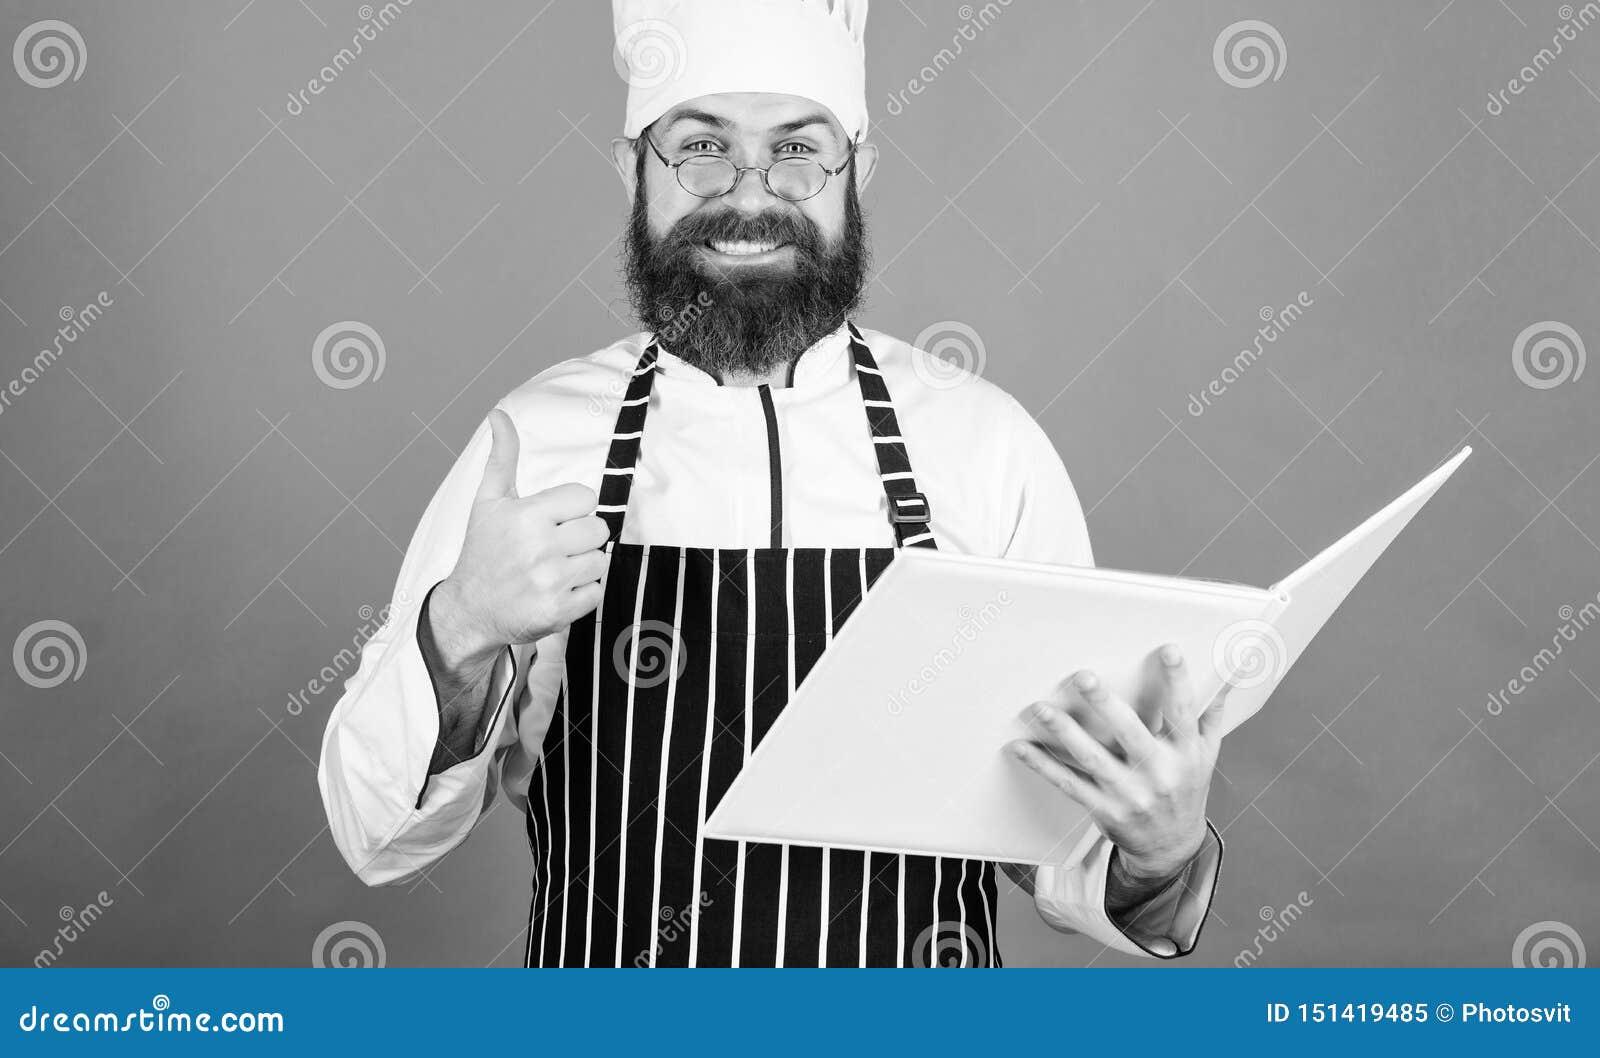 Cozinha em minha mente r Receitas do livro i m culinary